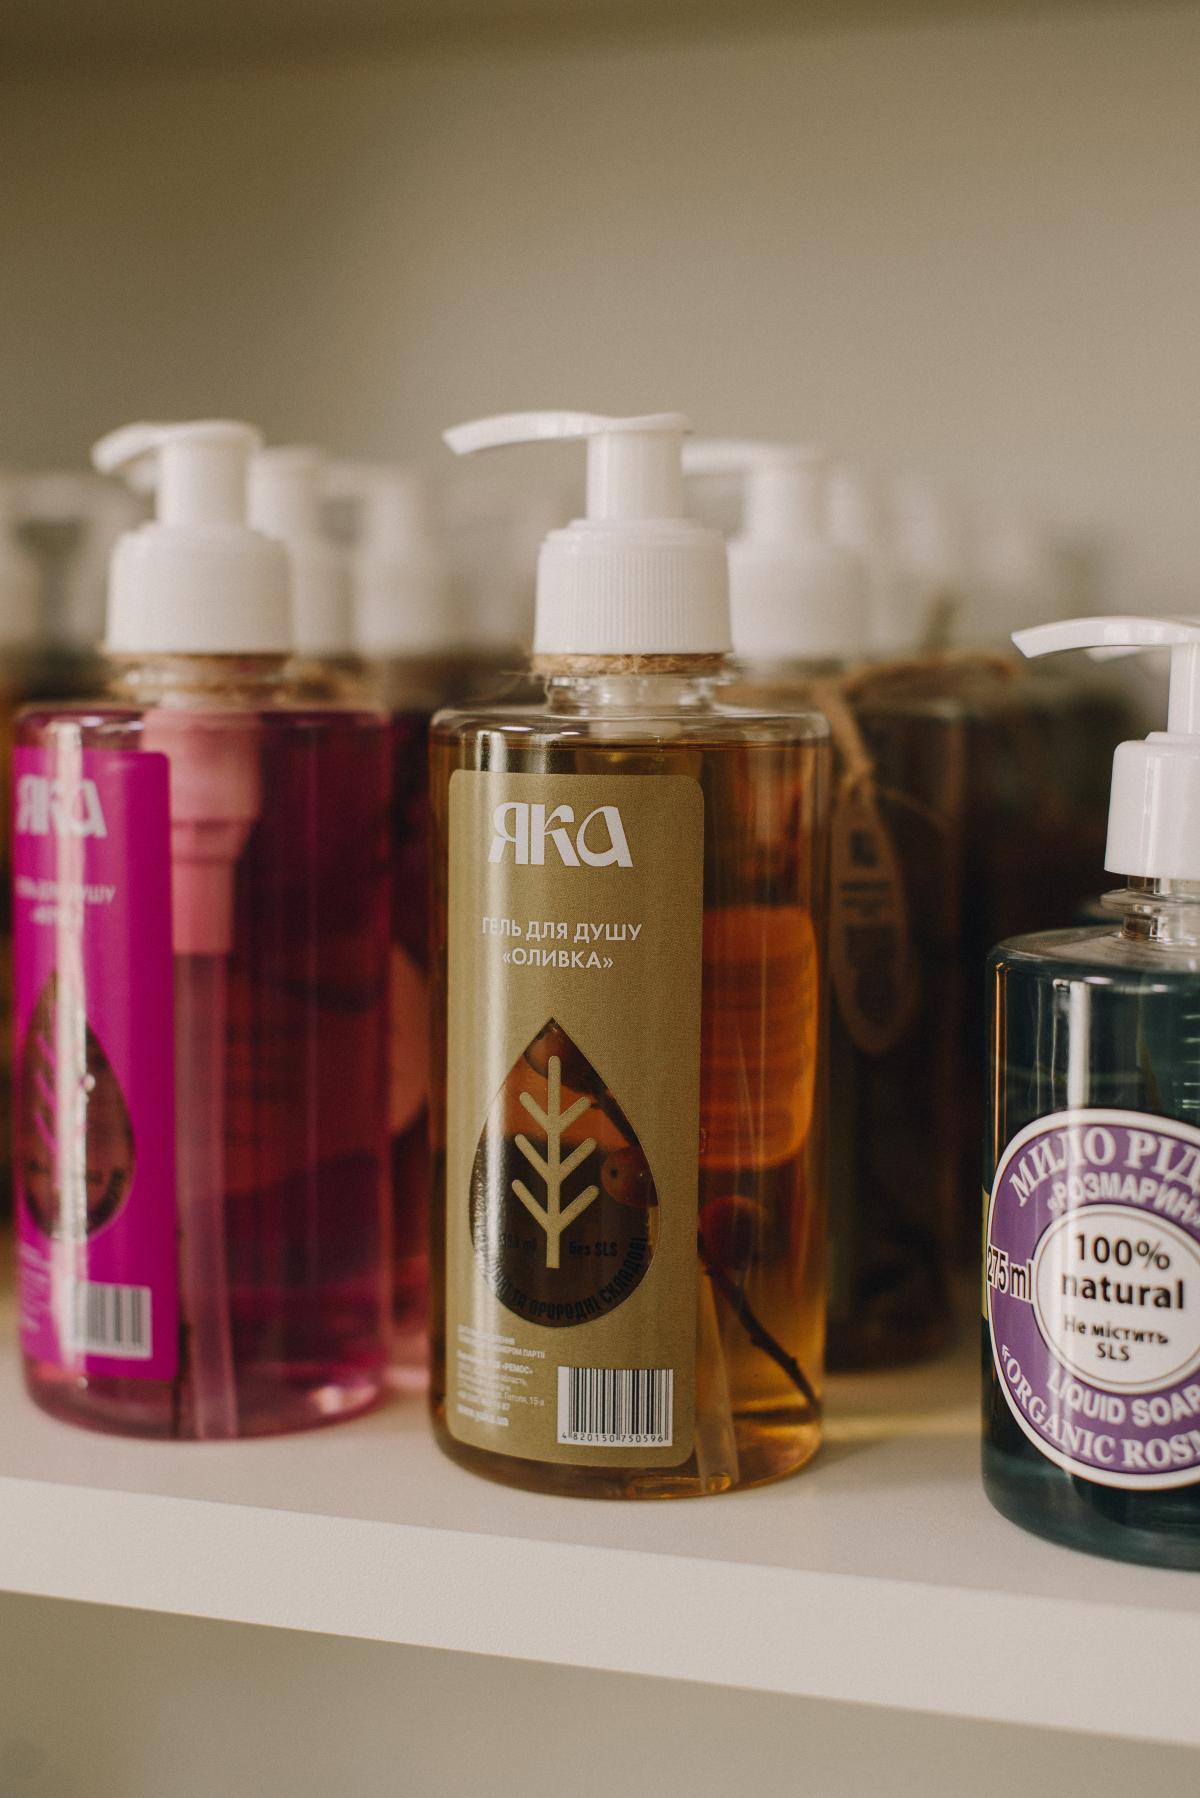 Натуральное средство для мытья волос обычно не имеет в своем составе сульфата натрия (SLS), поэтому мылится не так хорошо, как шампуни измассмаркета / фото ЯКА